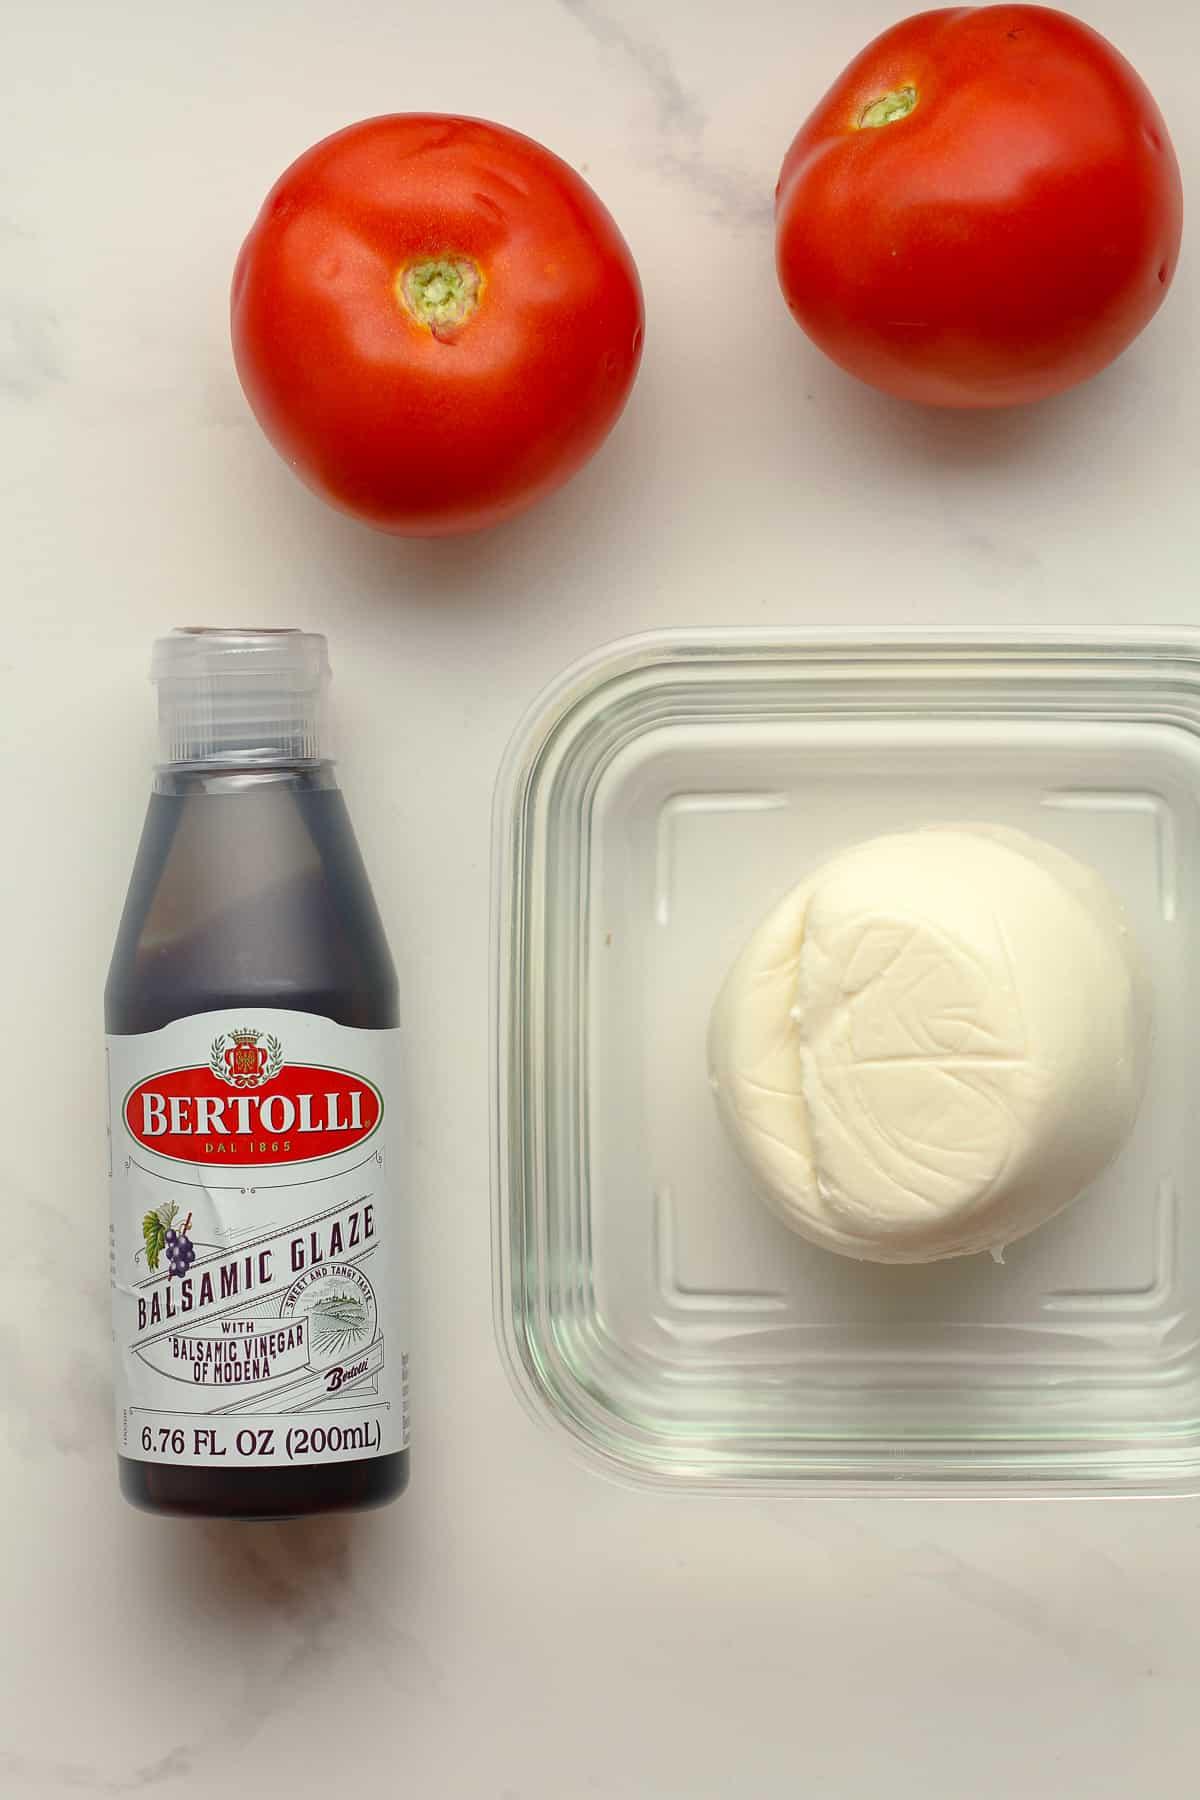 The Caprese ingredients.